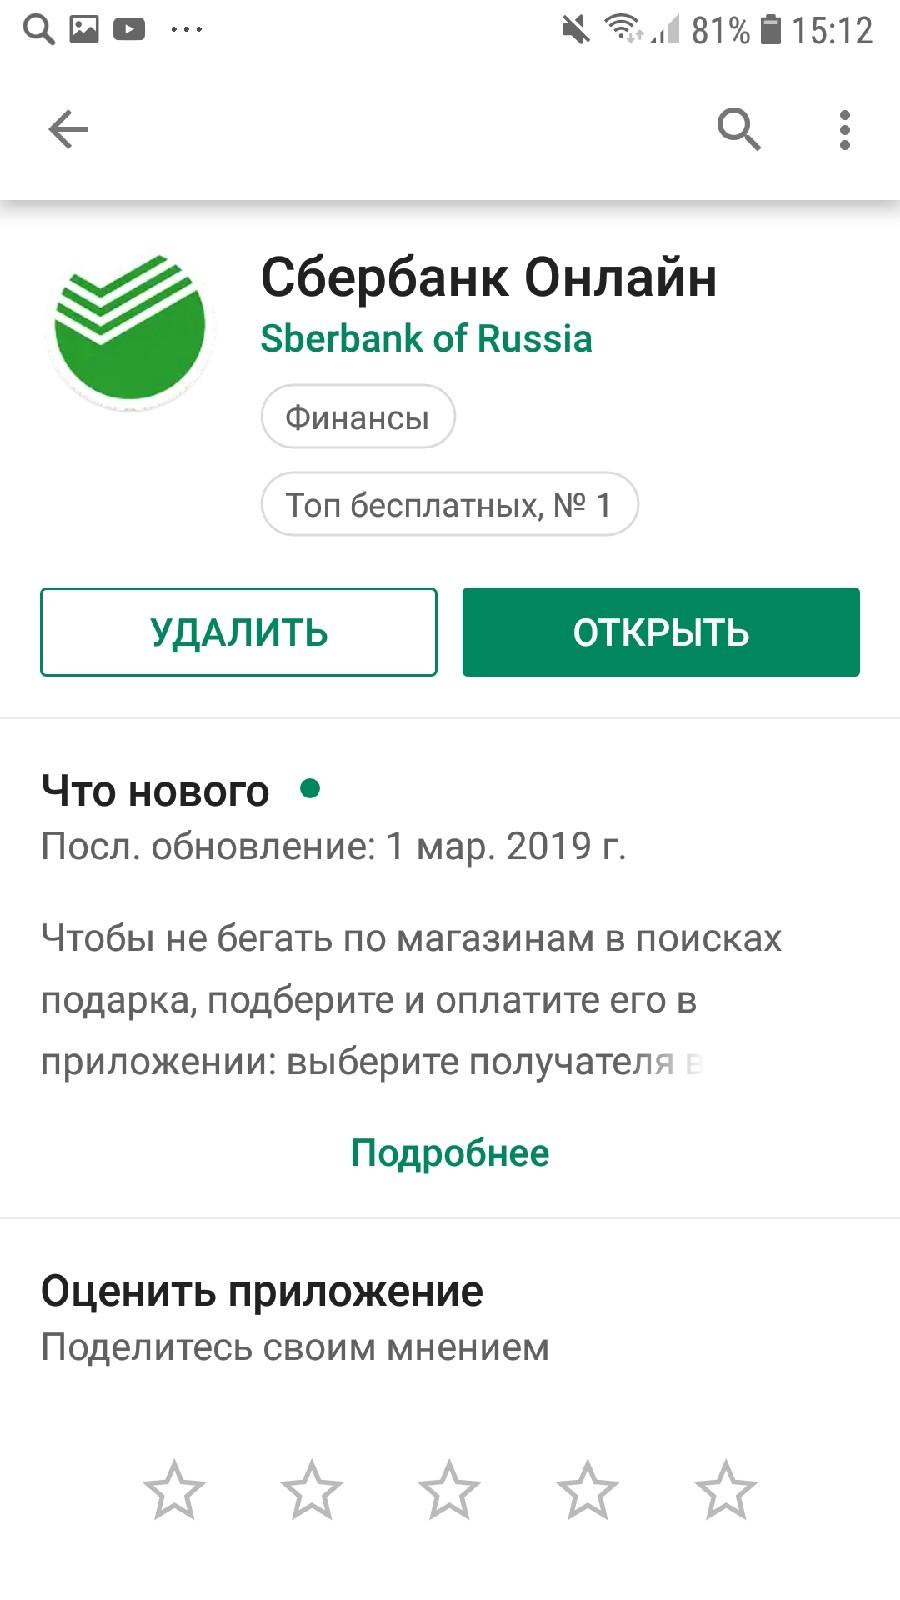 Сбербанк Онлайн код ошибки 01-01, 20-01, 01-05, 30-01, 60-02